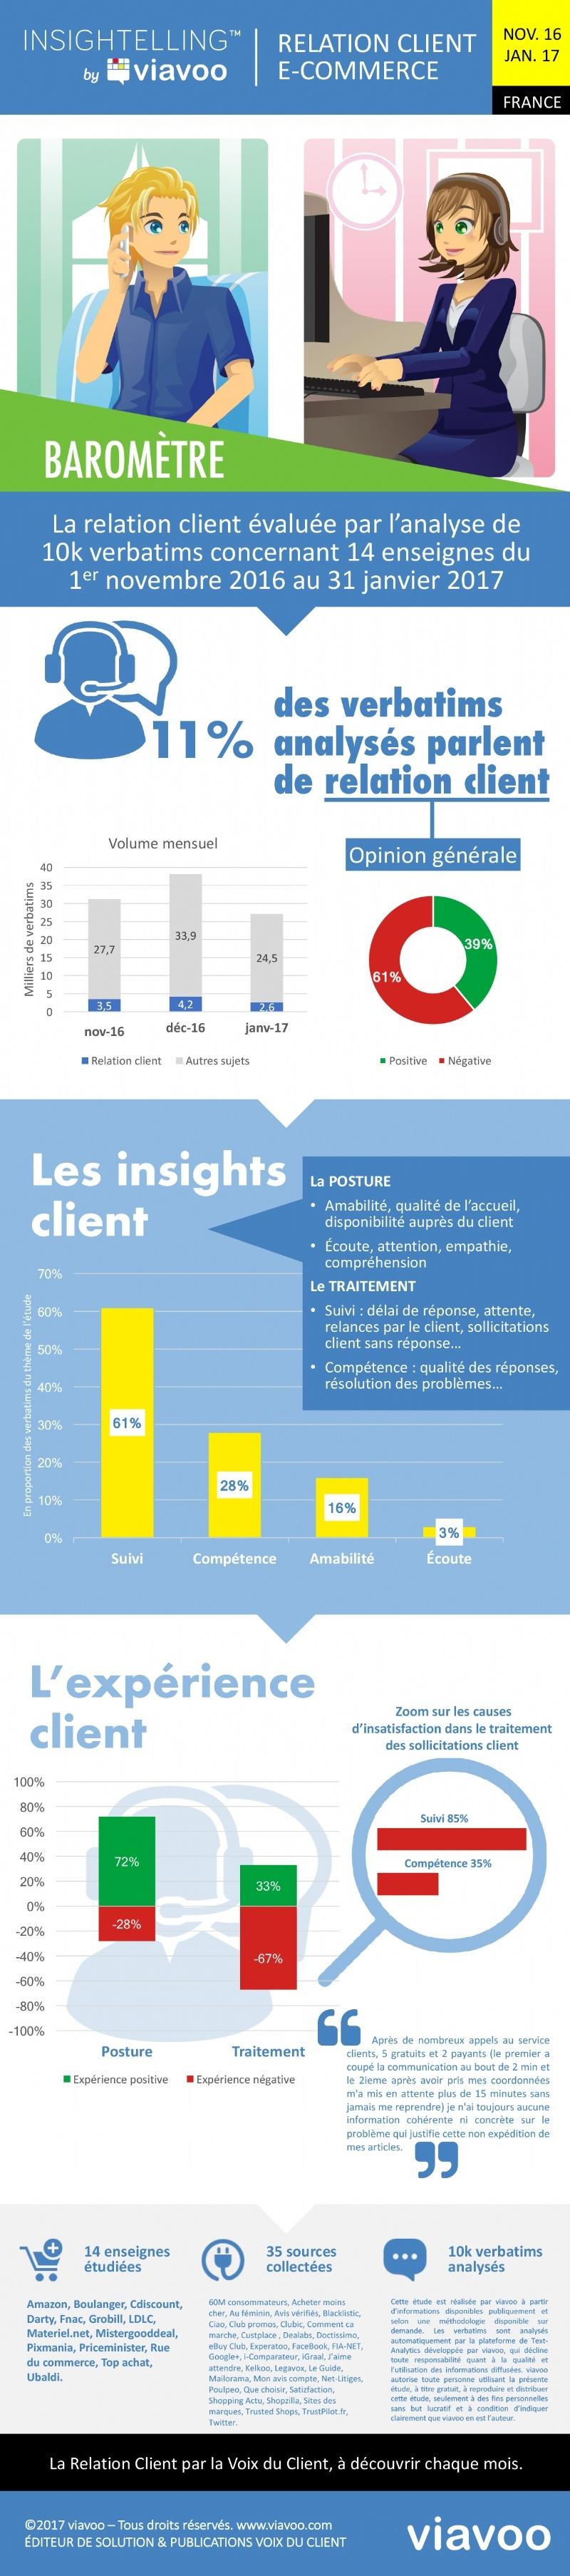 barometre-relation-client-commerce-insatisfaction-web-social-novembre-2016-janvier-2017